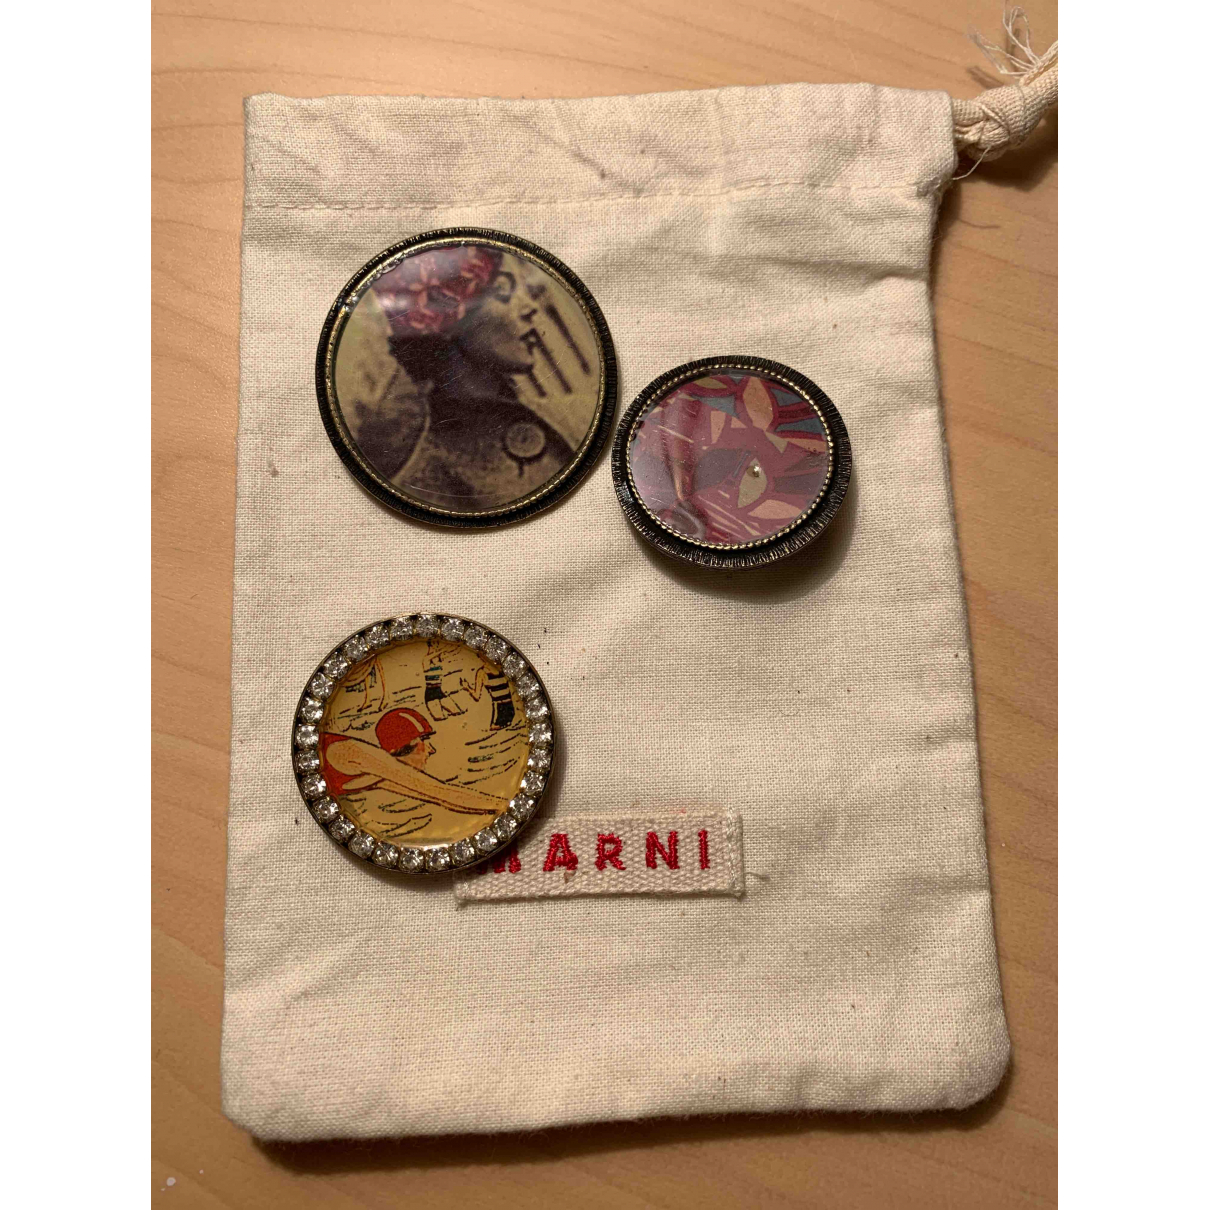 Marni - Broche   pour femme en metal - multicolore